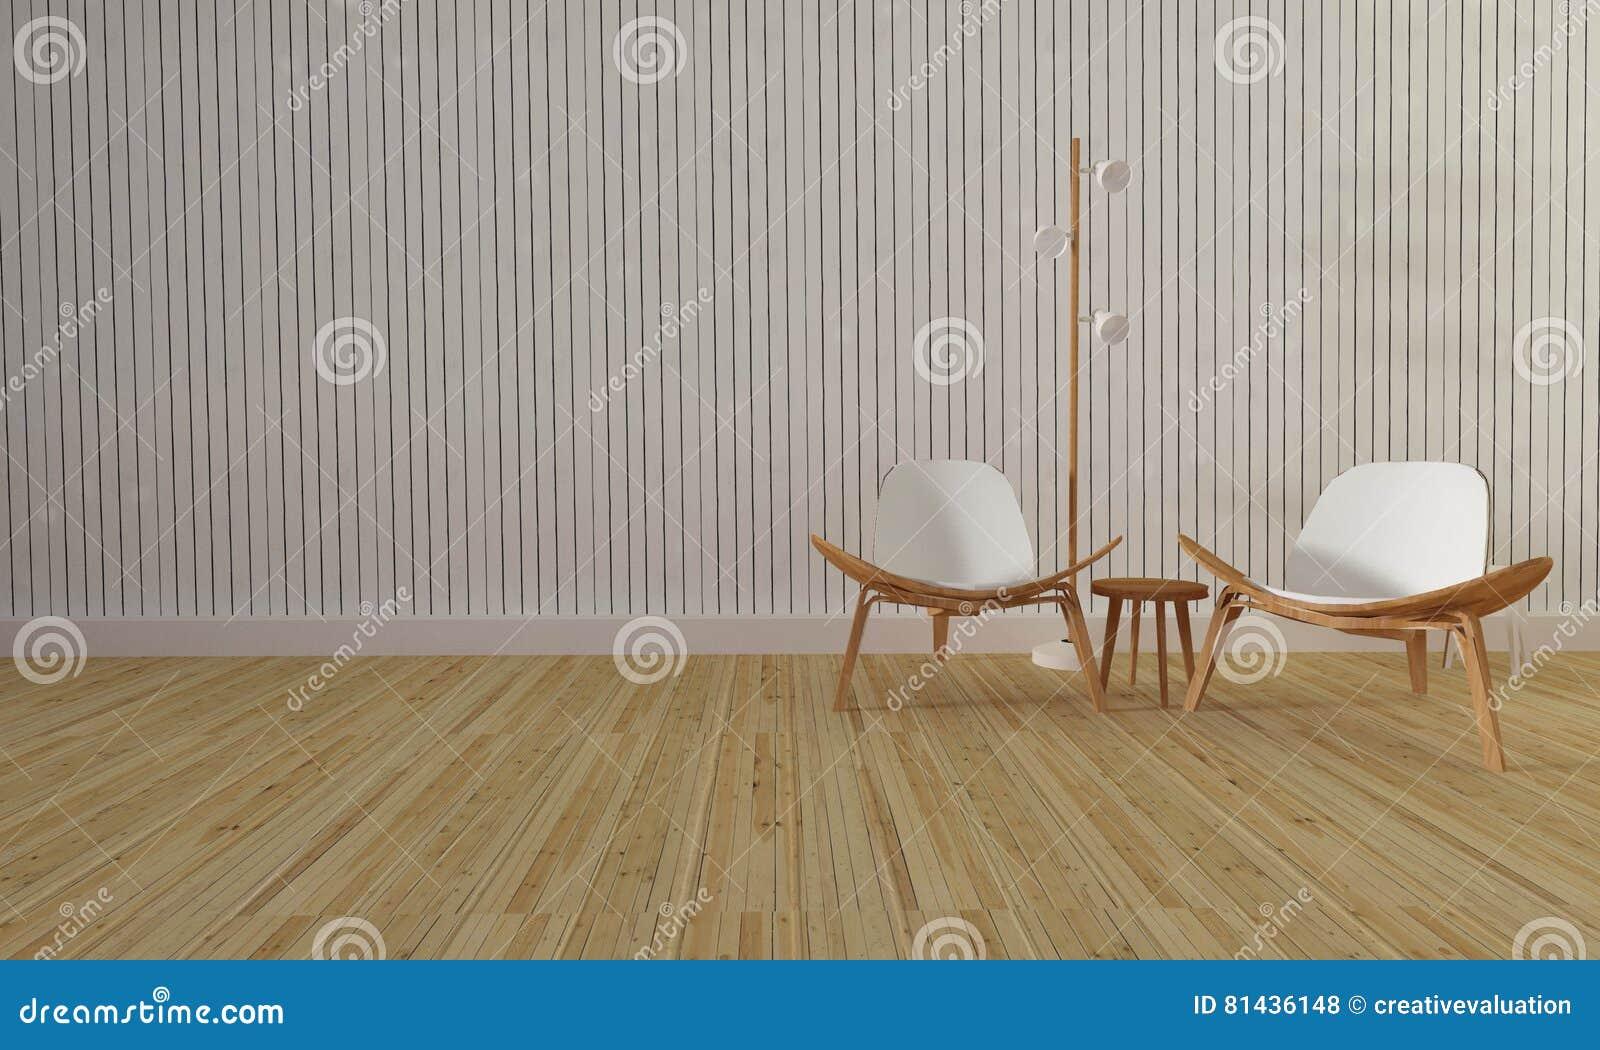 Dachboden Und Einfaches Wohnzimmer Mit Stuhl Und Wand Background-3d ...